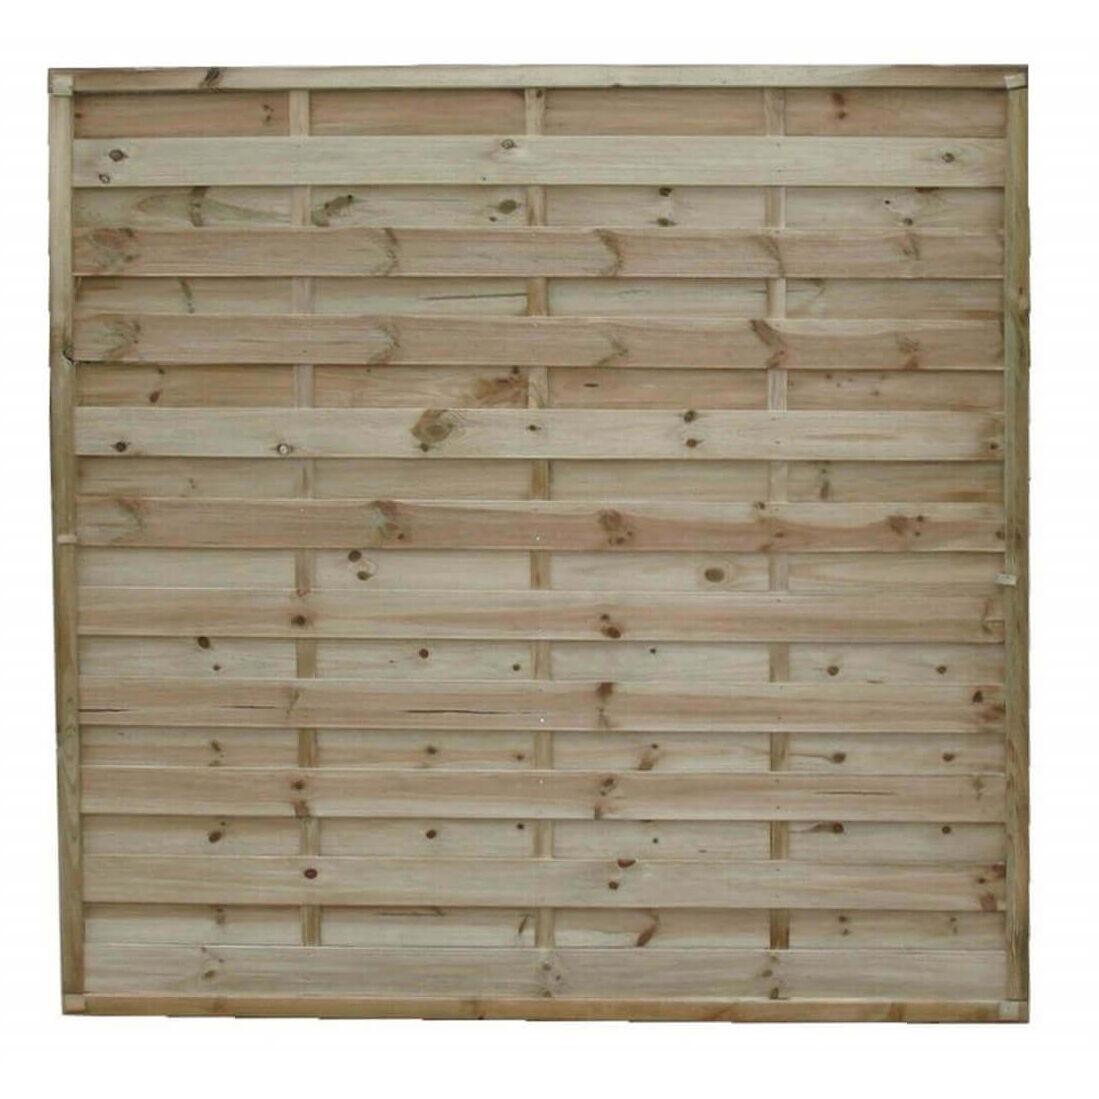 Milani Home frangivento da giardino in legno di pino impregnato in autoclave 180 x 180